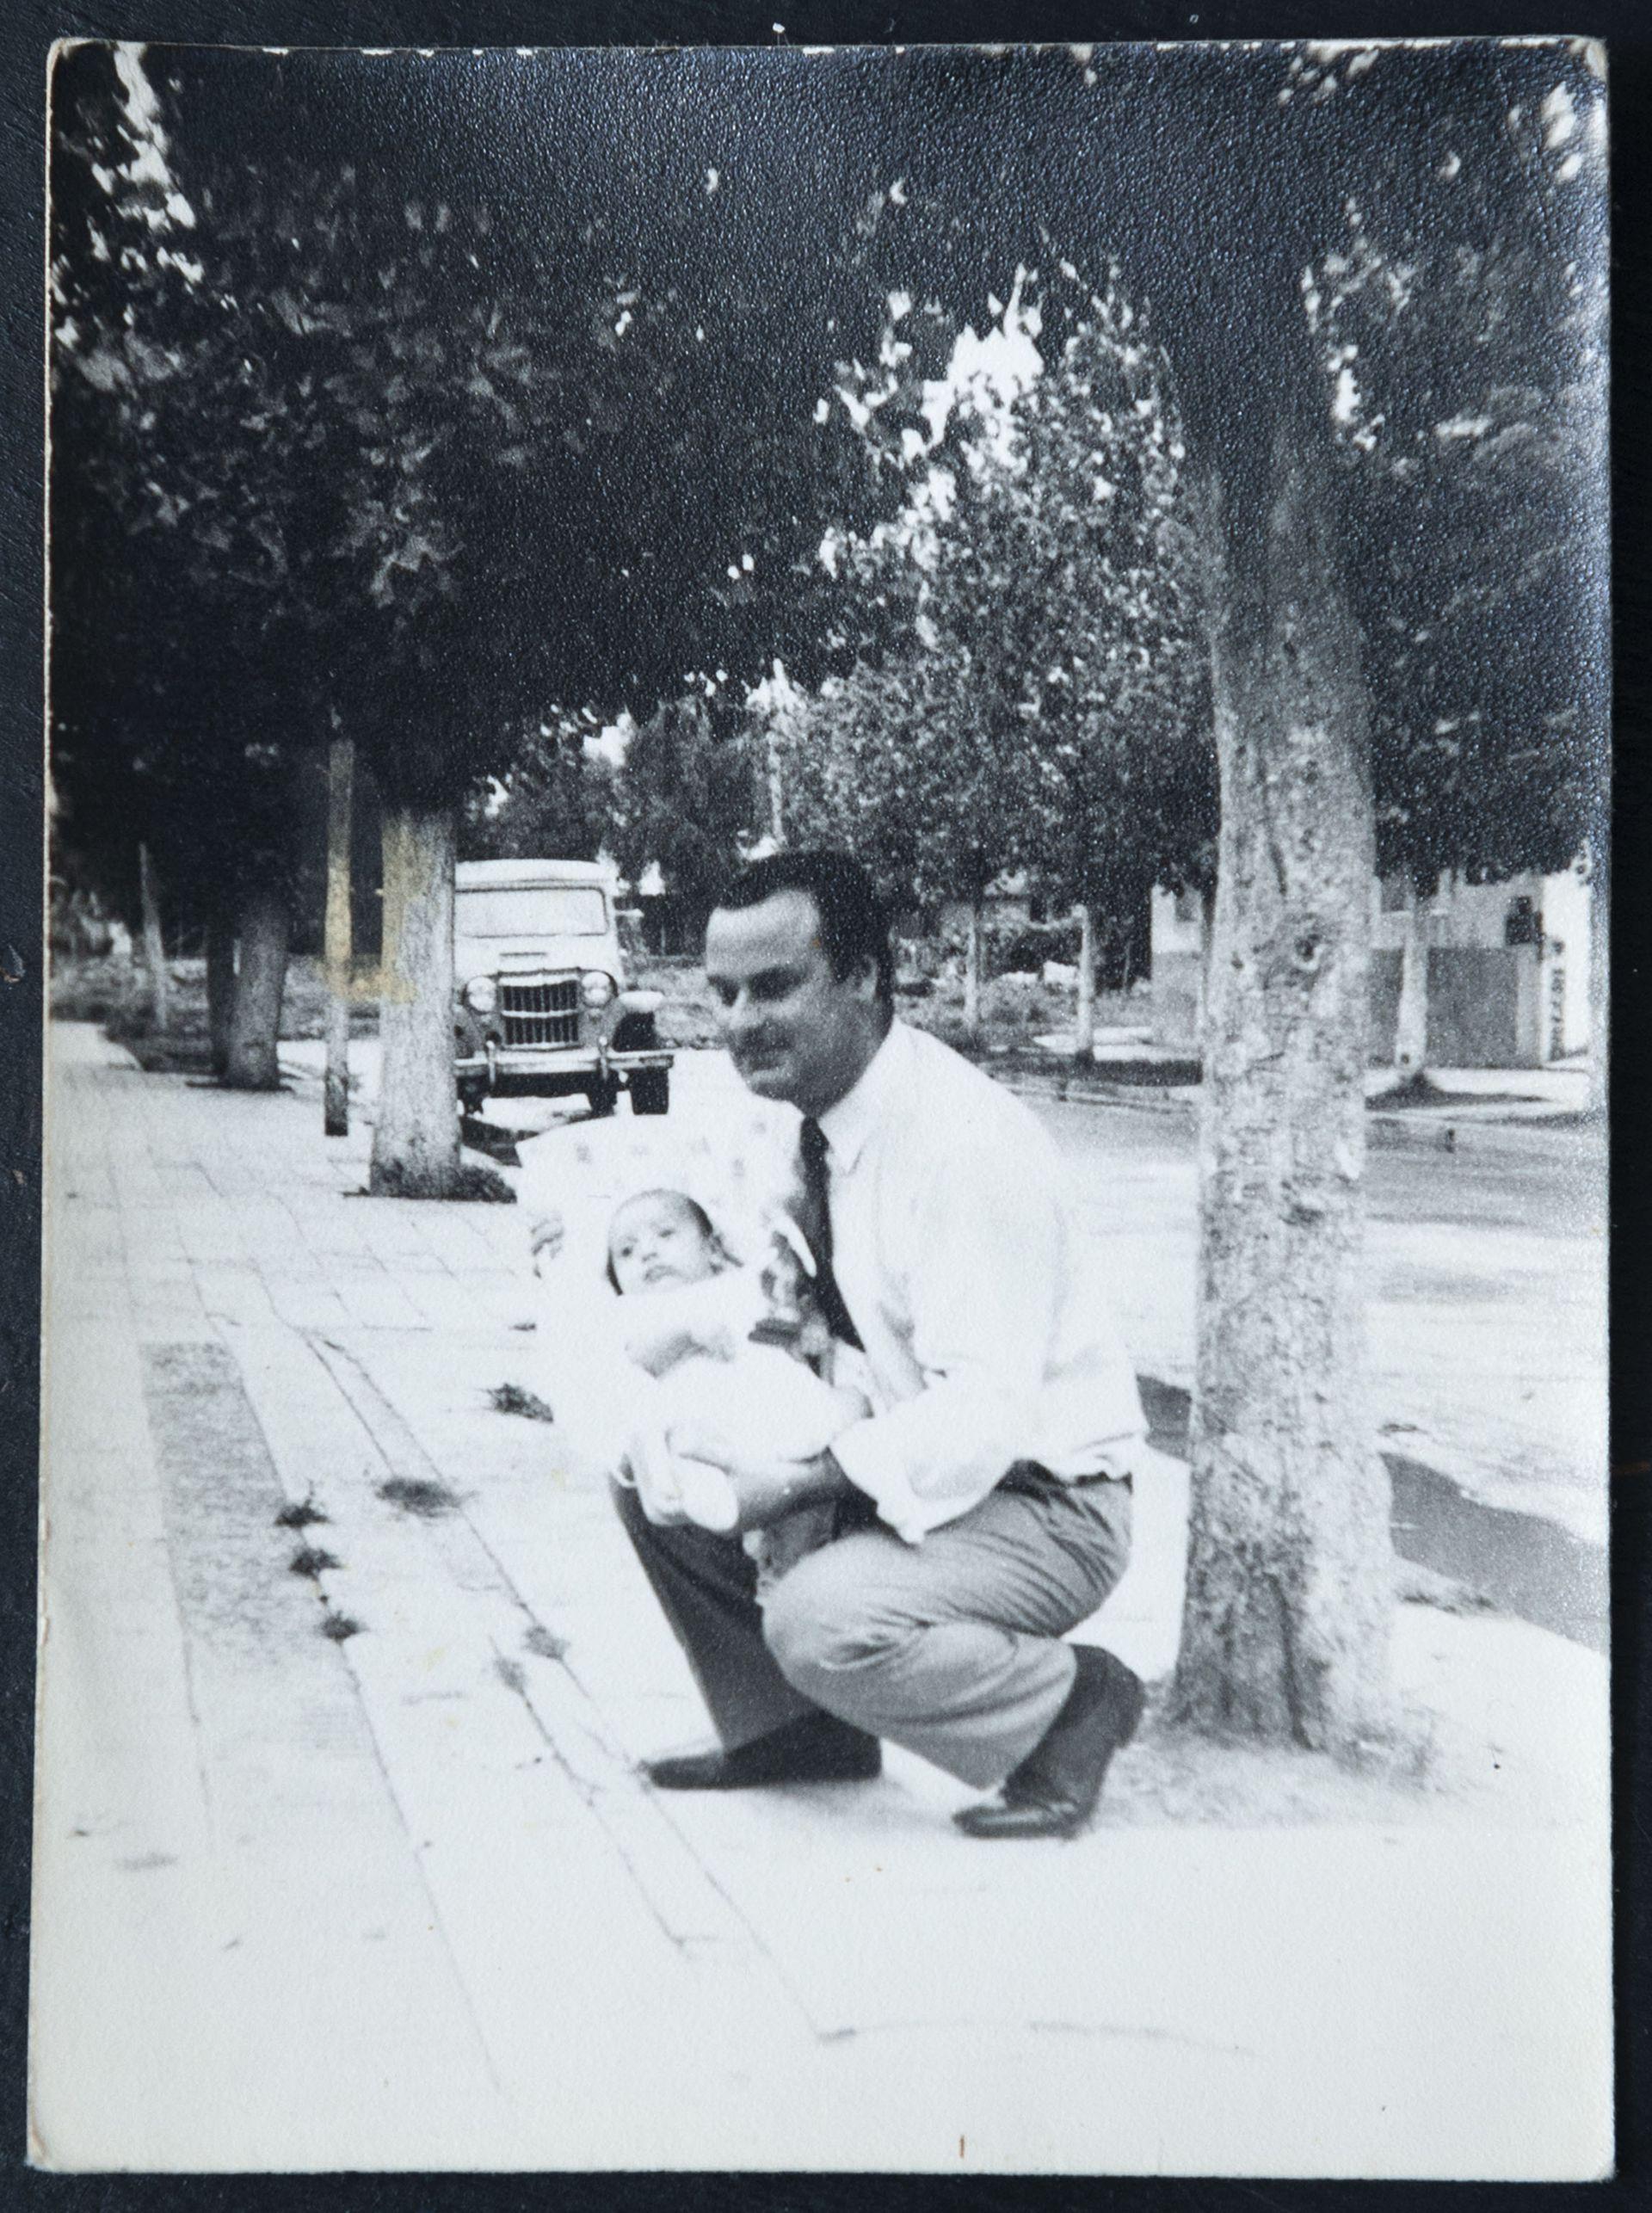 Sabe muy pocos detalles sobre el día de su nacimiento: que fue en el hospital Ramón Carrillo, en Ciudadela, y que la entrega se hizo en la calle, frente a la institución.